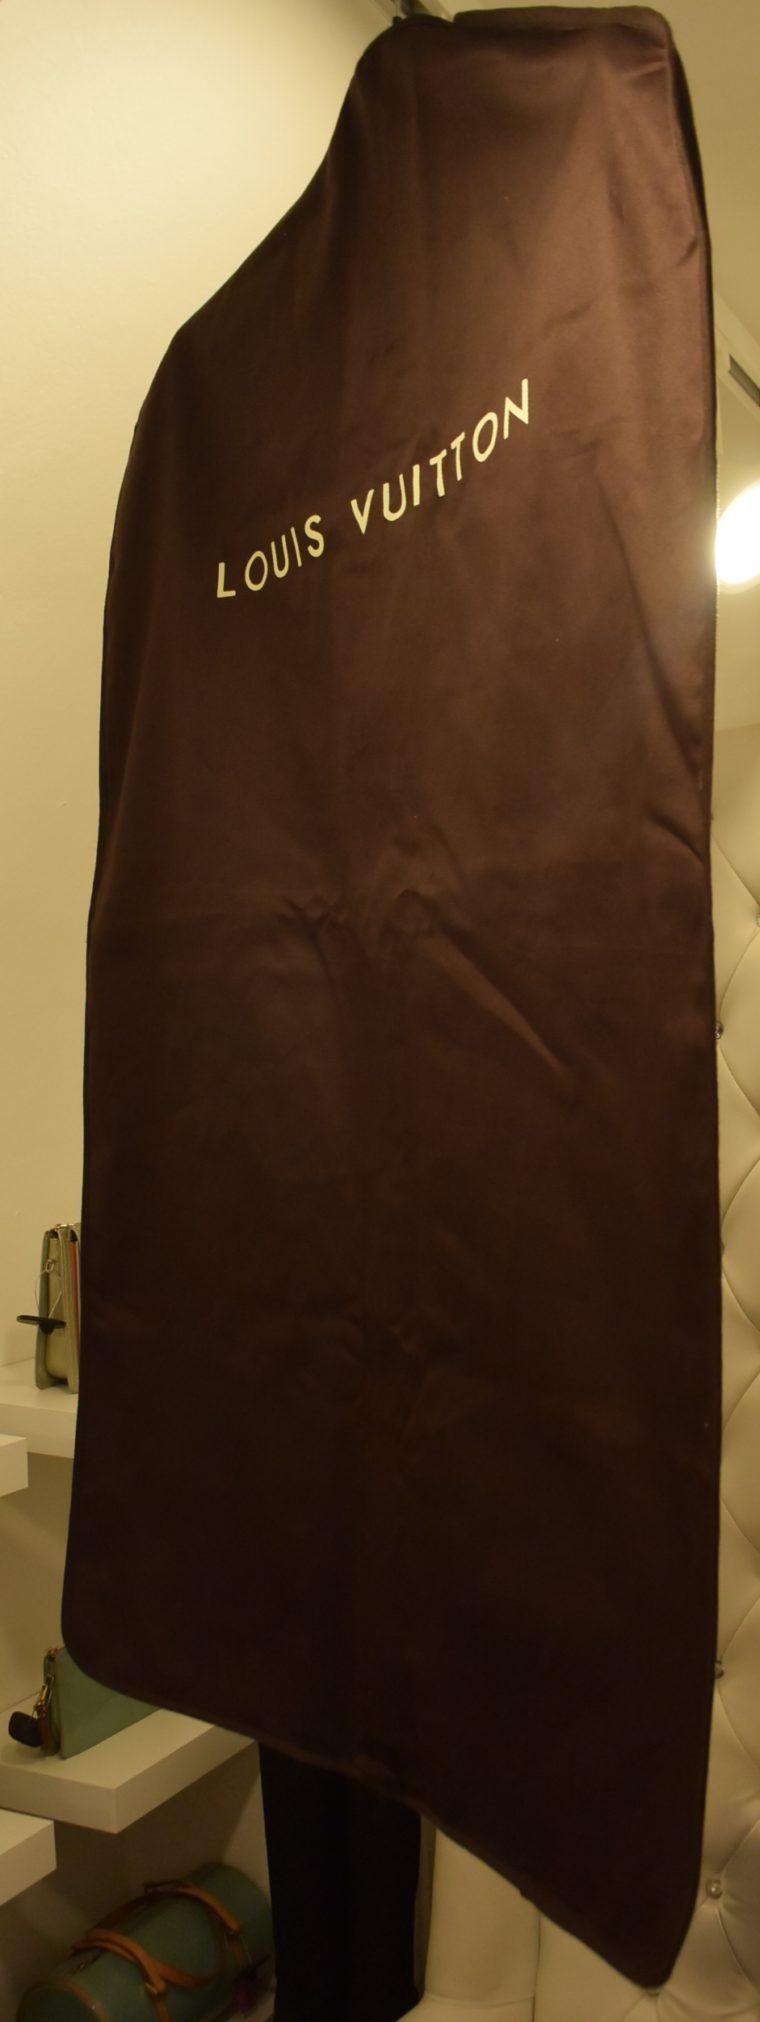 Louis Vuitton Kleiderhülle Kleidersack braun-12990